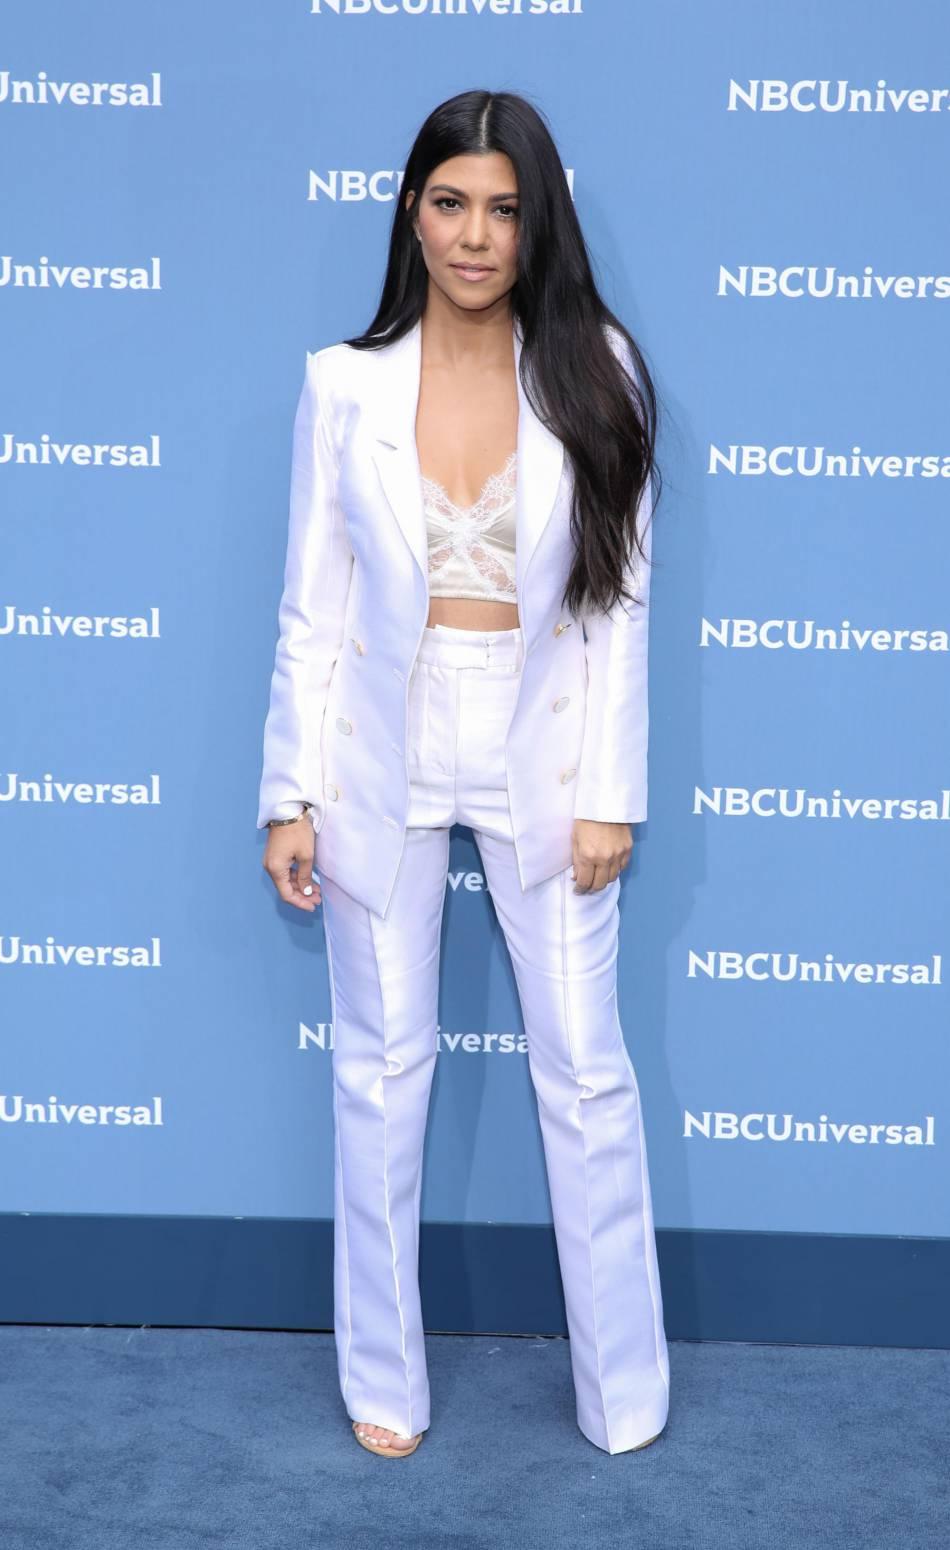 Kourtney Kardashian poste un nouveau cliché sur la Toile et affole ses fans.